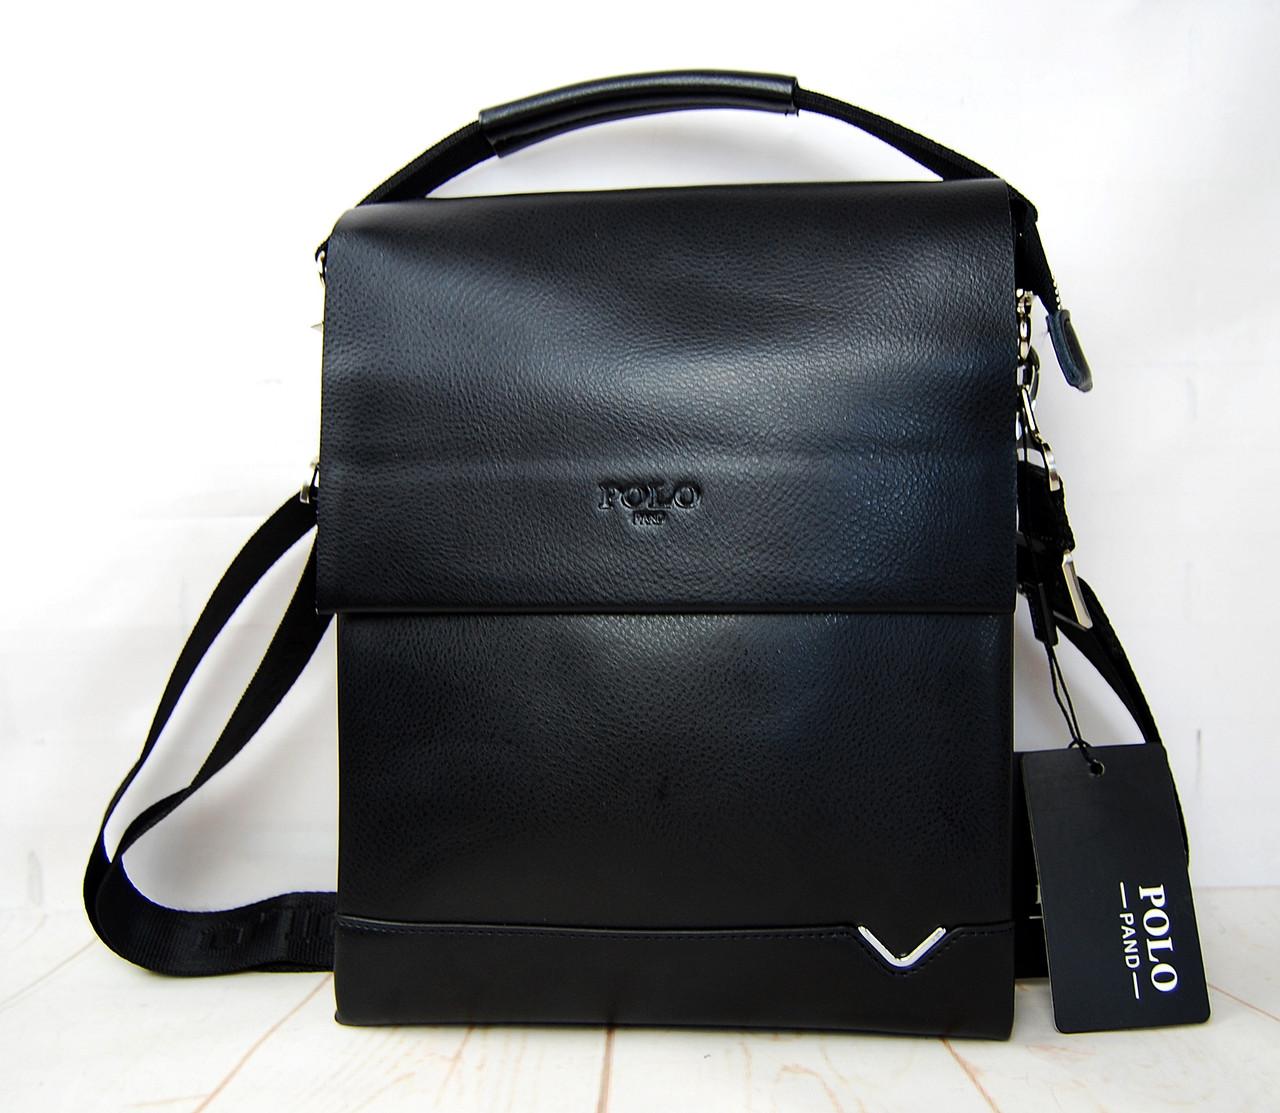 Мужская сумка-планшет Polo с ручкой.Барсетка мужская. Размер(в см) 27 на 21,5 КС28-1